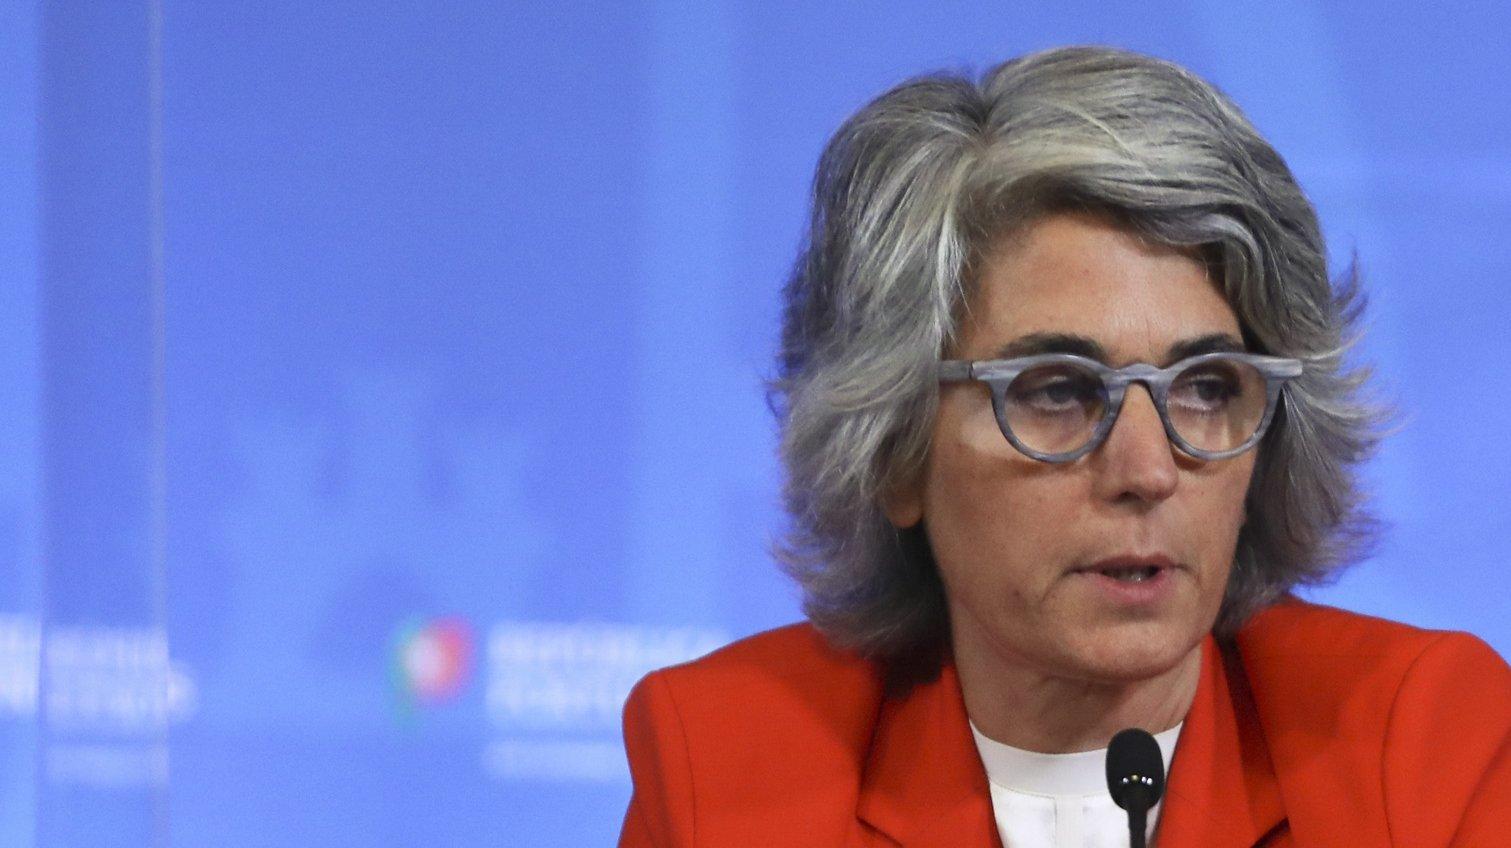 A ministra da Cultura, Graça Fonseca, fala aos jornalistas durante a conferência de imprensa no final da reunião do Conselho de Ministros, no Palácio da Ajuda, em Lisboa, 21 de outubro de 2021. ANTÓNIO COTRIM/LUSA